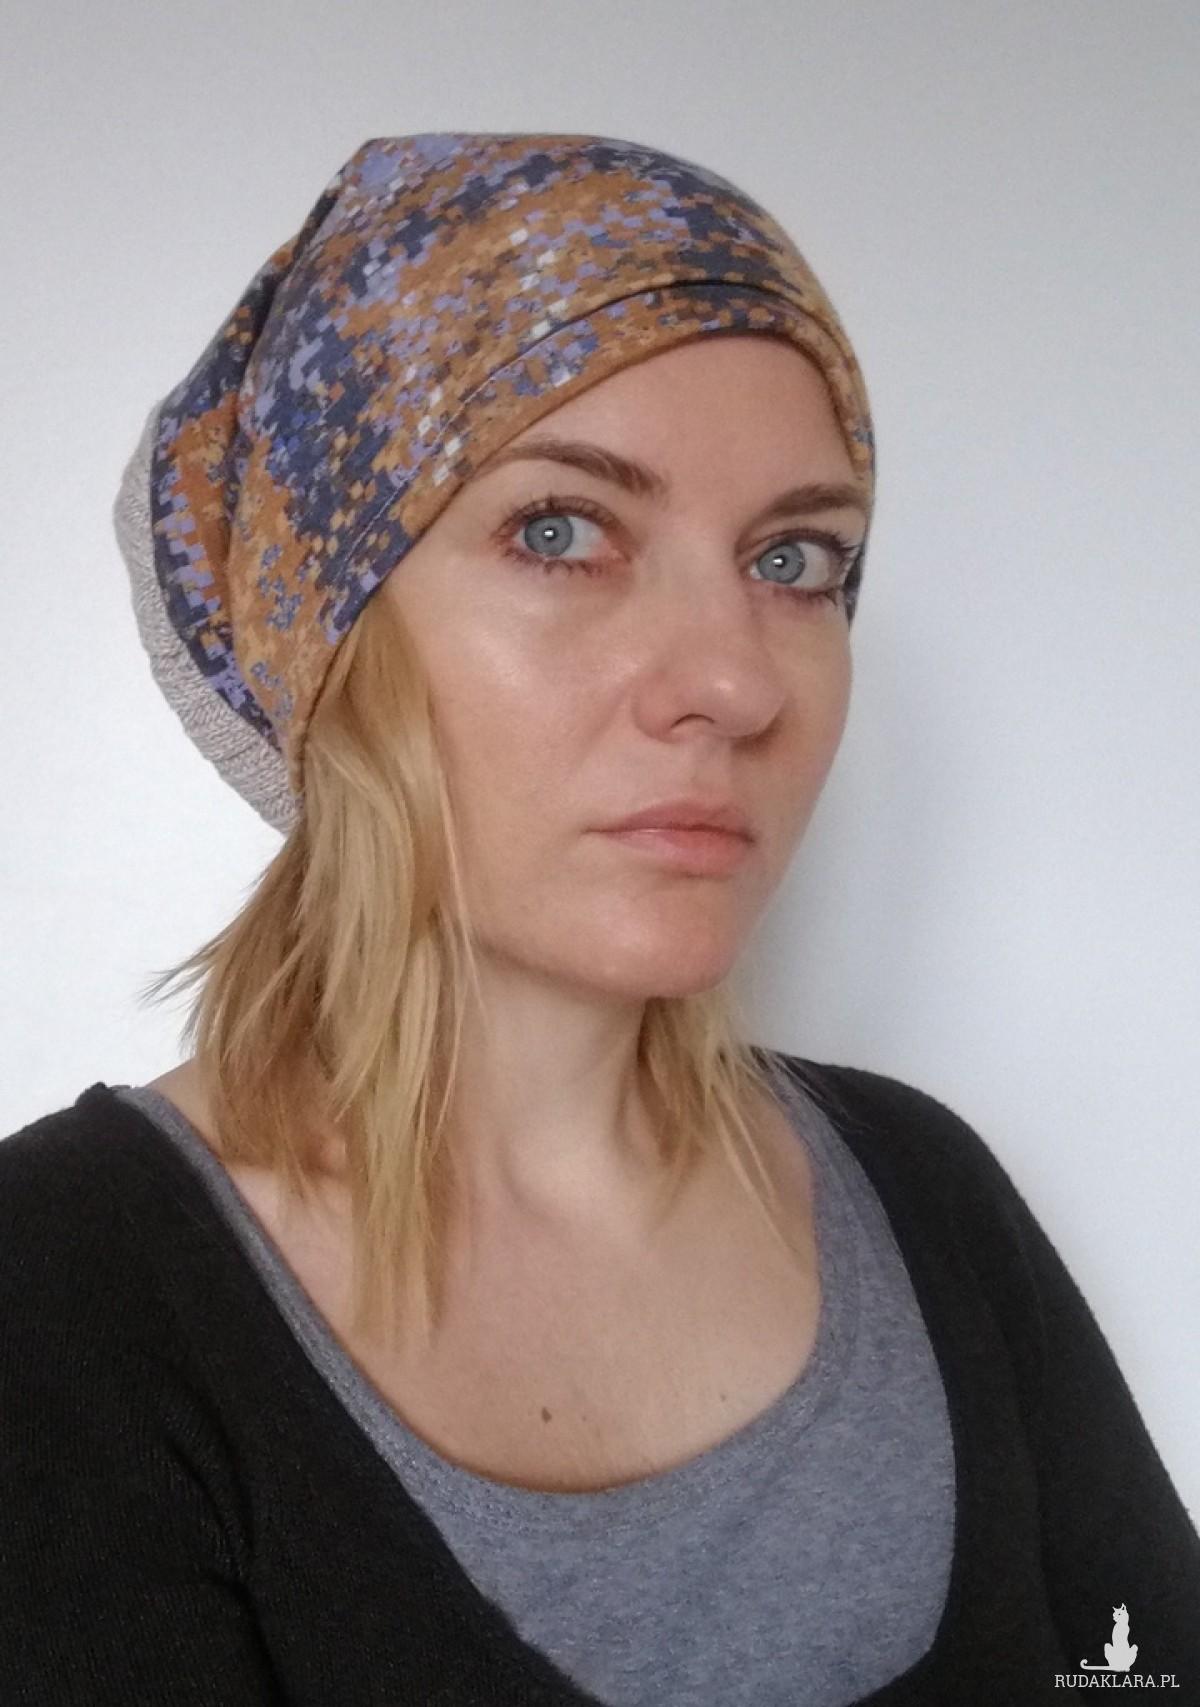 czapka jesienna wzory wełna dzianina damska męska